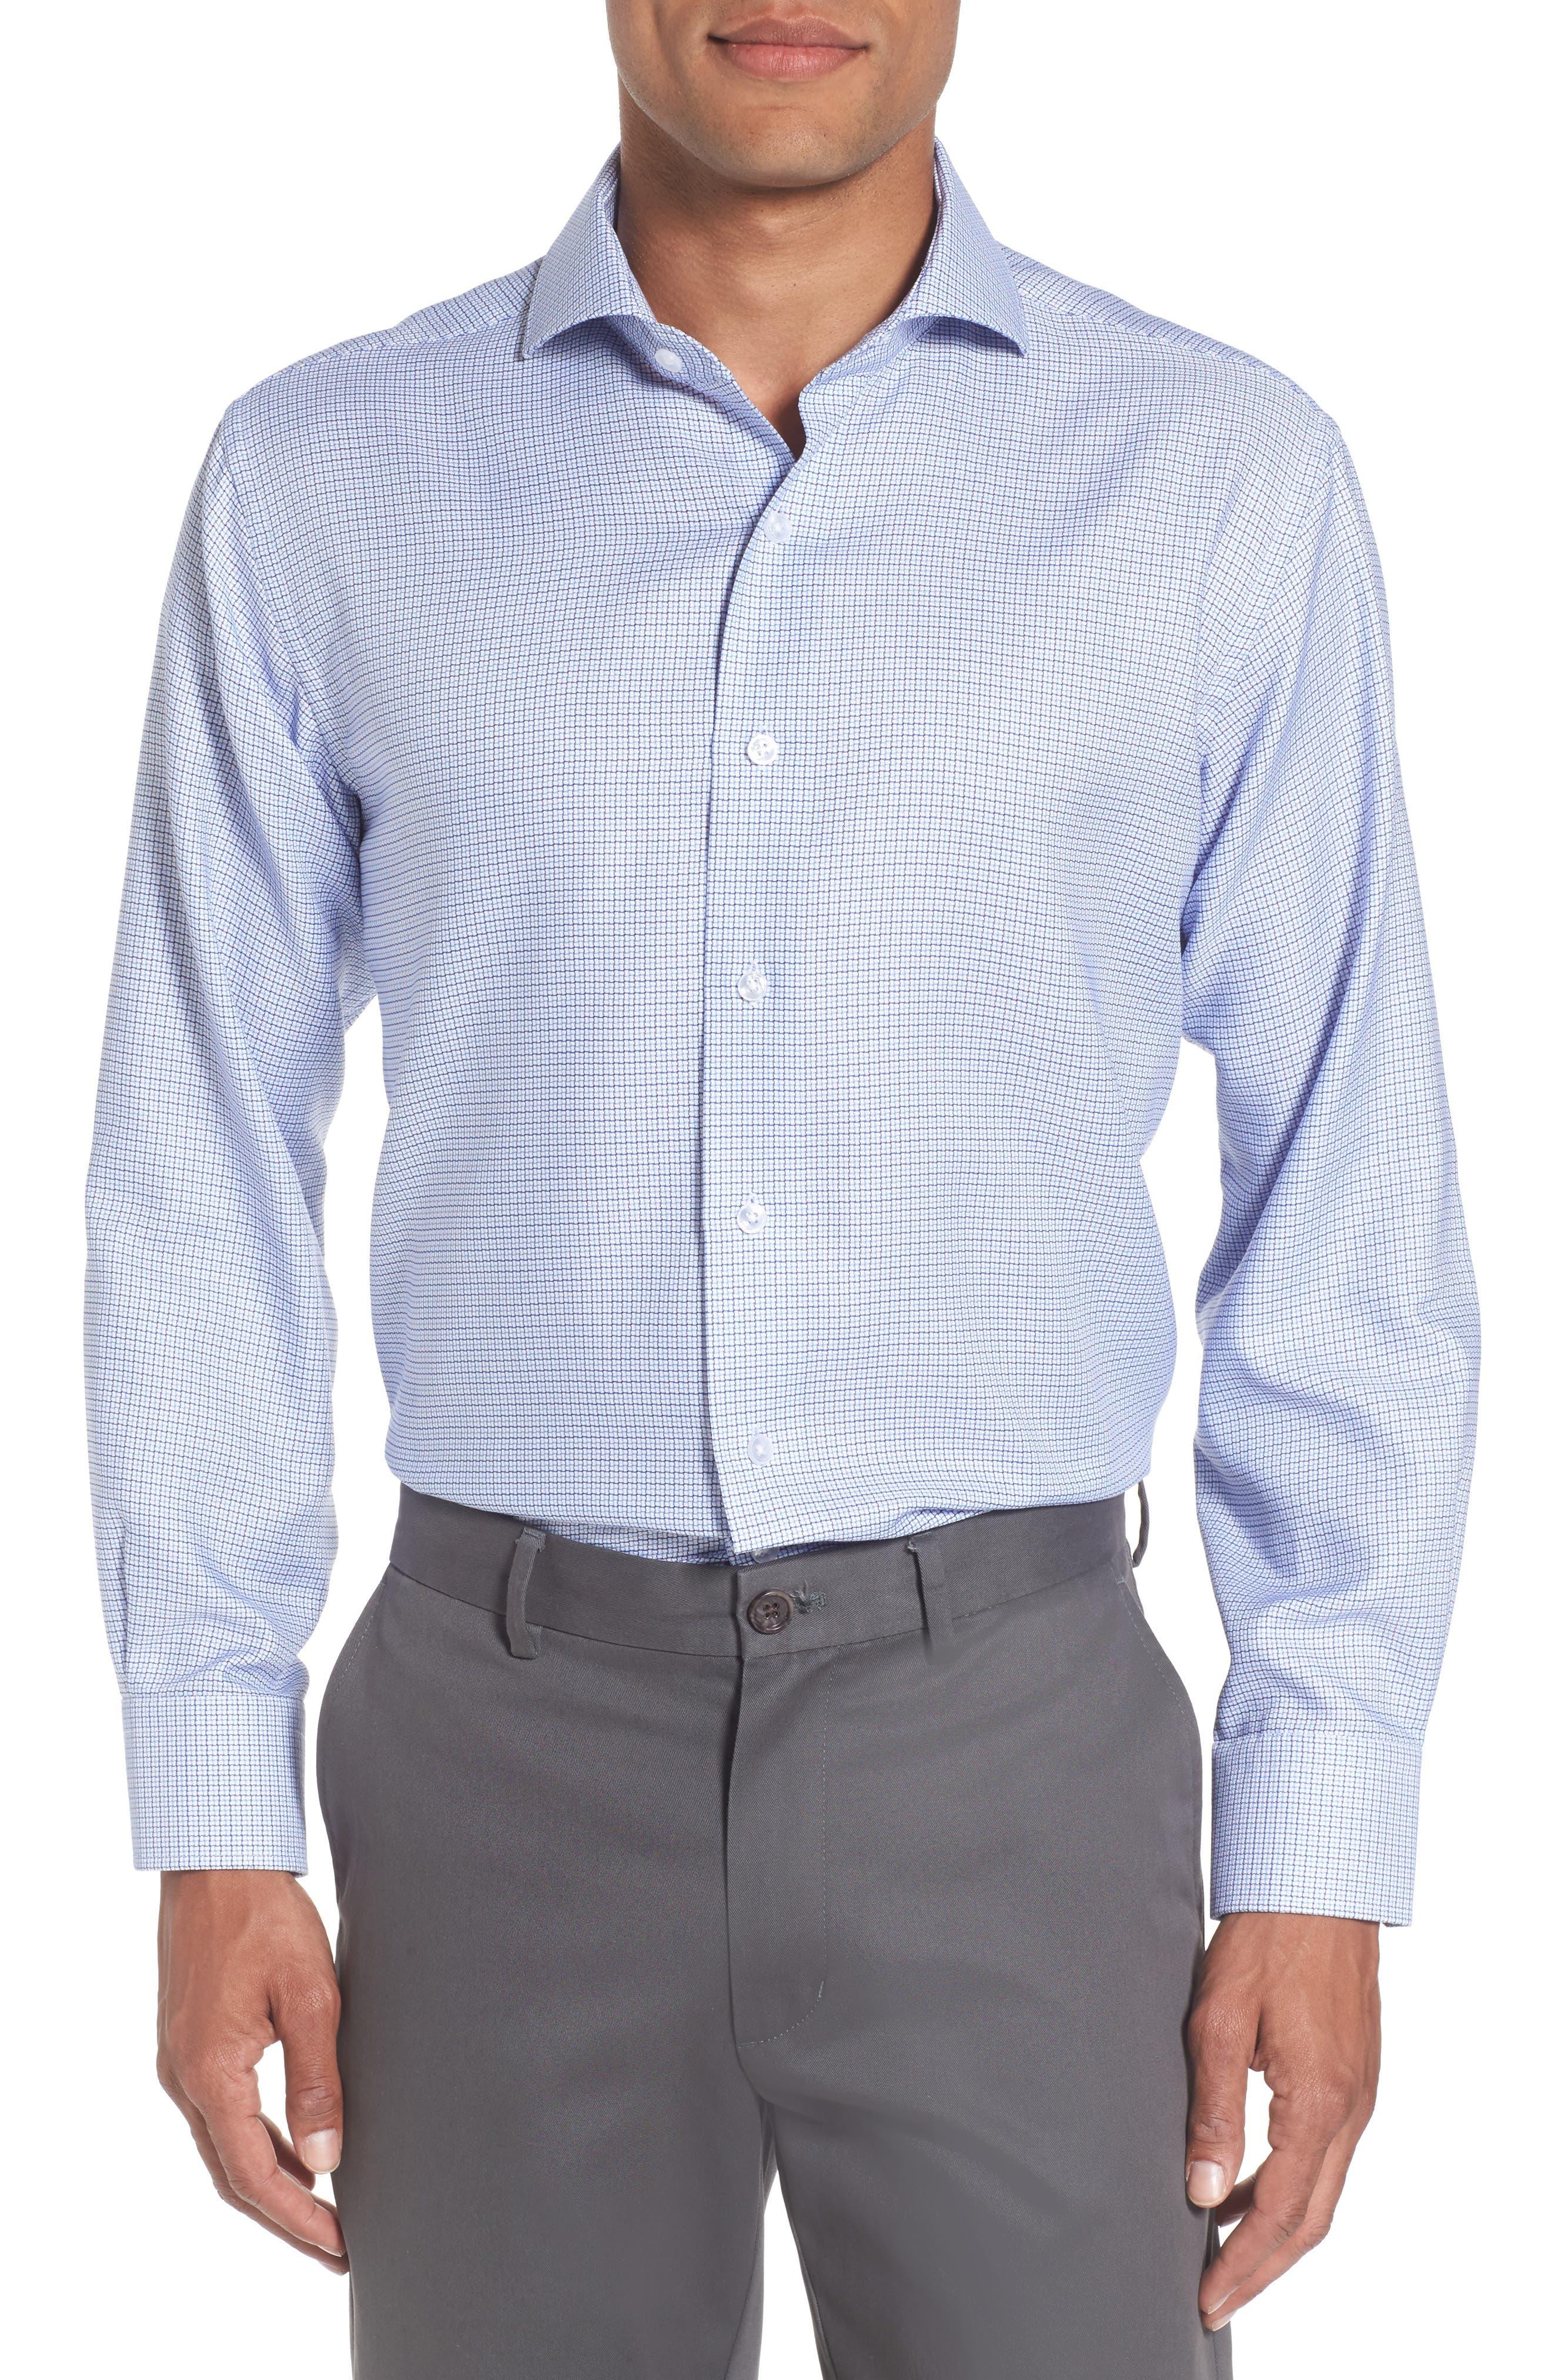 LORENZO UOMO Trim Fit Check Dress Shirt, Main, color, LIGHT BLUE/ NAVY